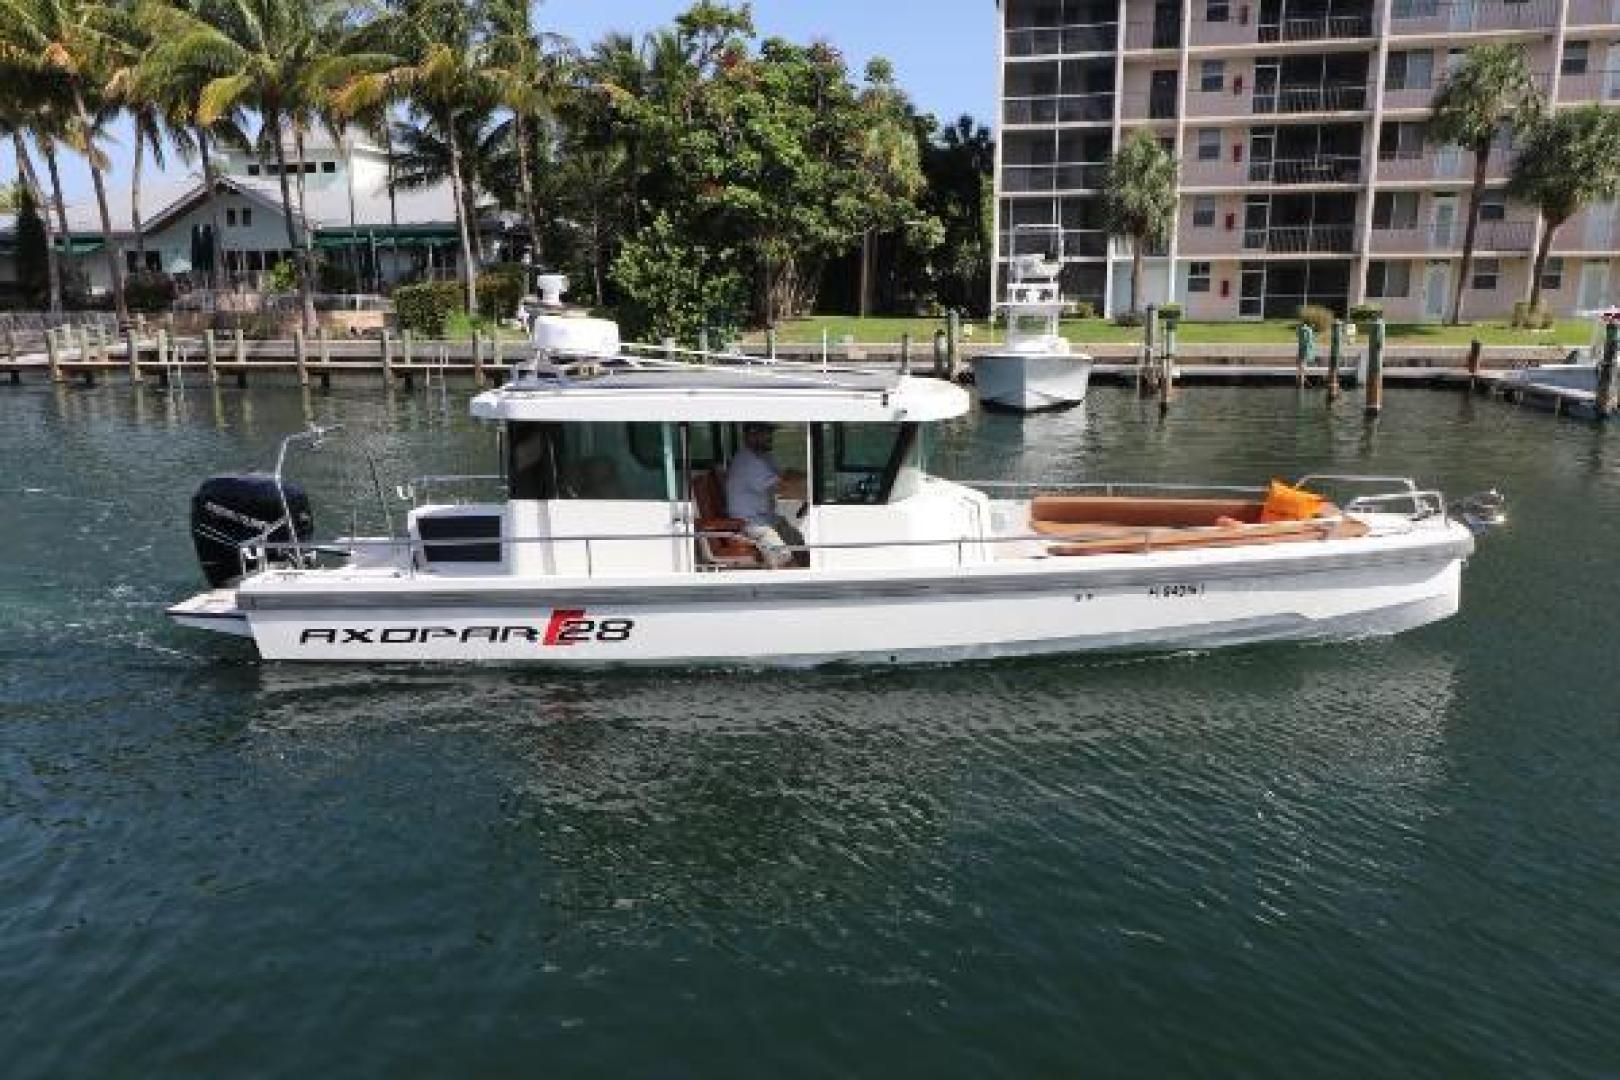 Axopar-28 CABIN 2017-Axopar 28 CABIN Palm Beach-Florida-United States-1531621 | Thumbnail